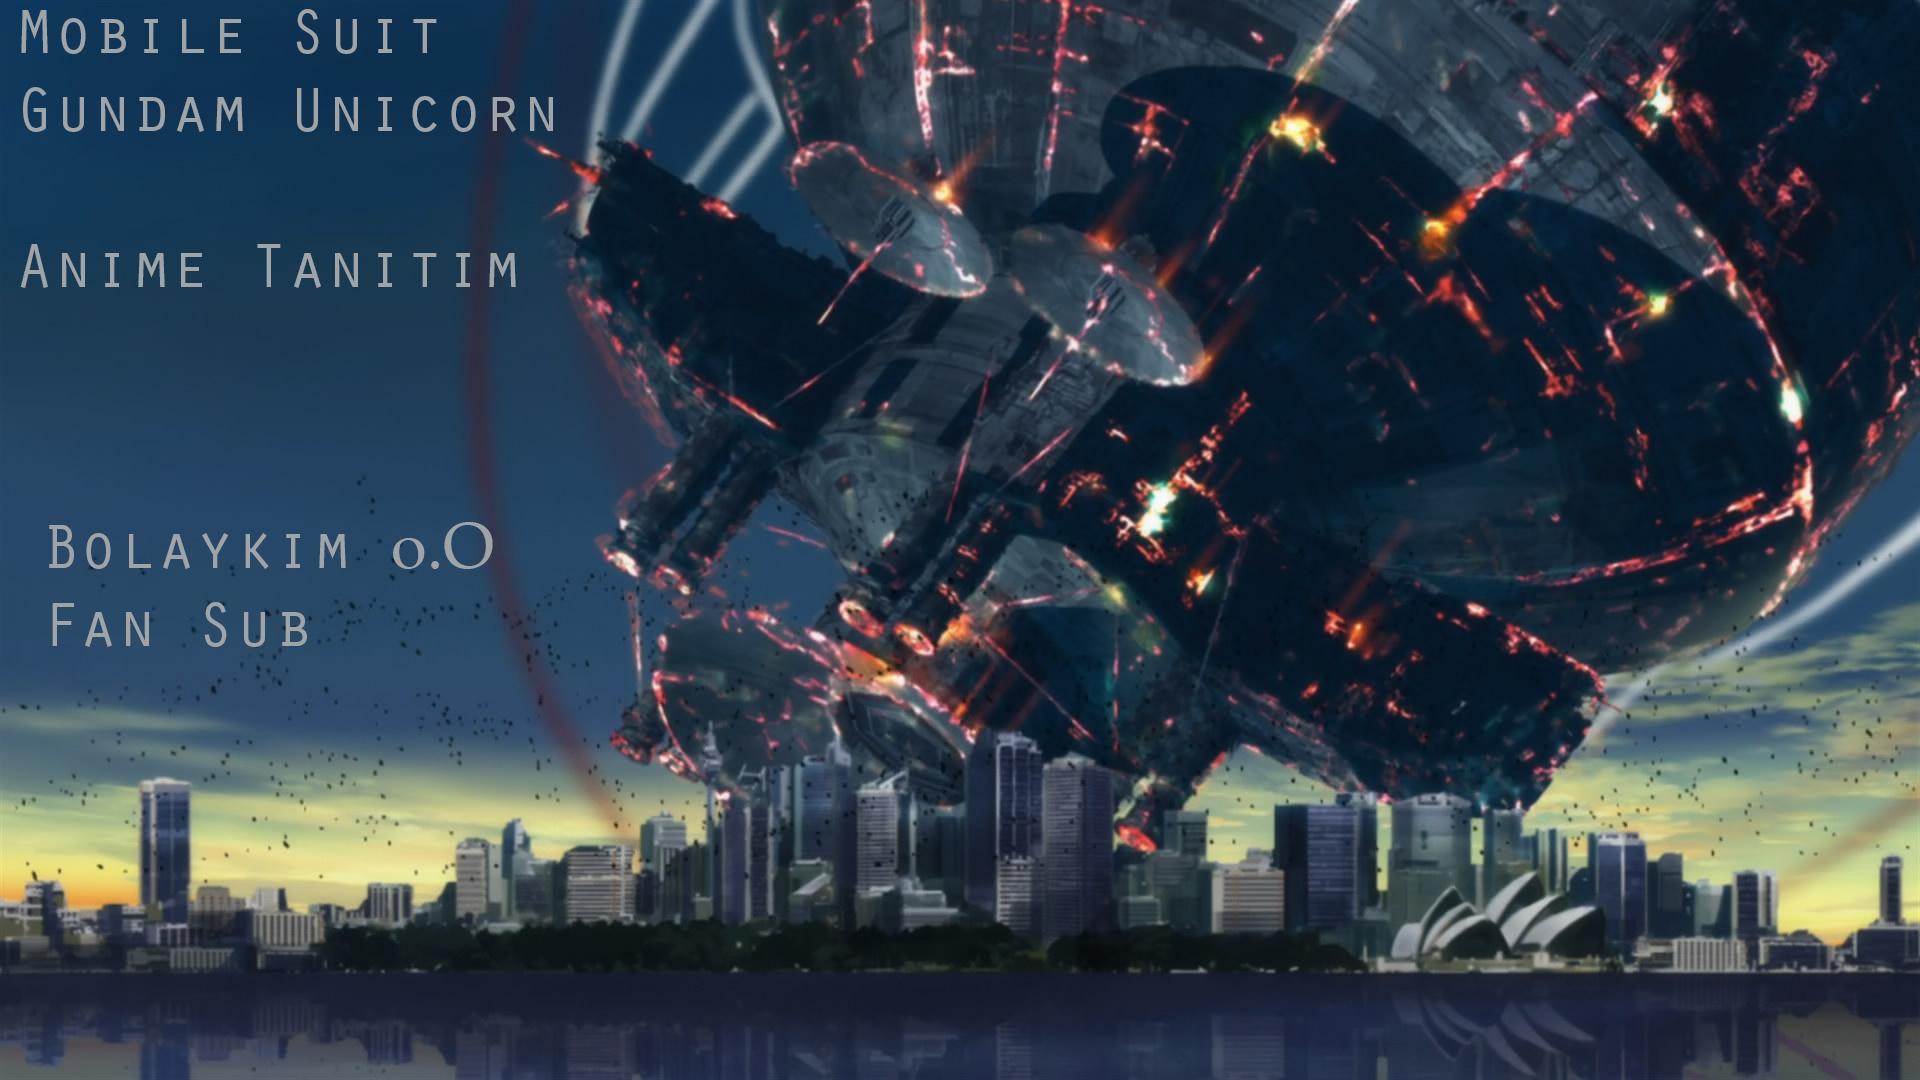 Mobile Suit Gundam Unicorn – Anime Tanıtım